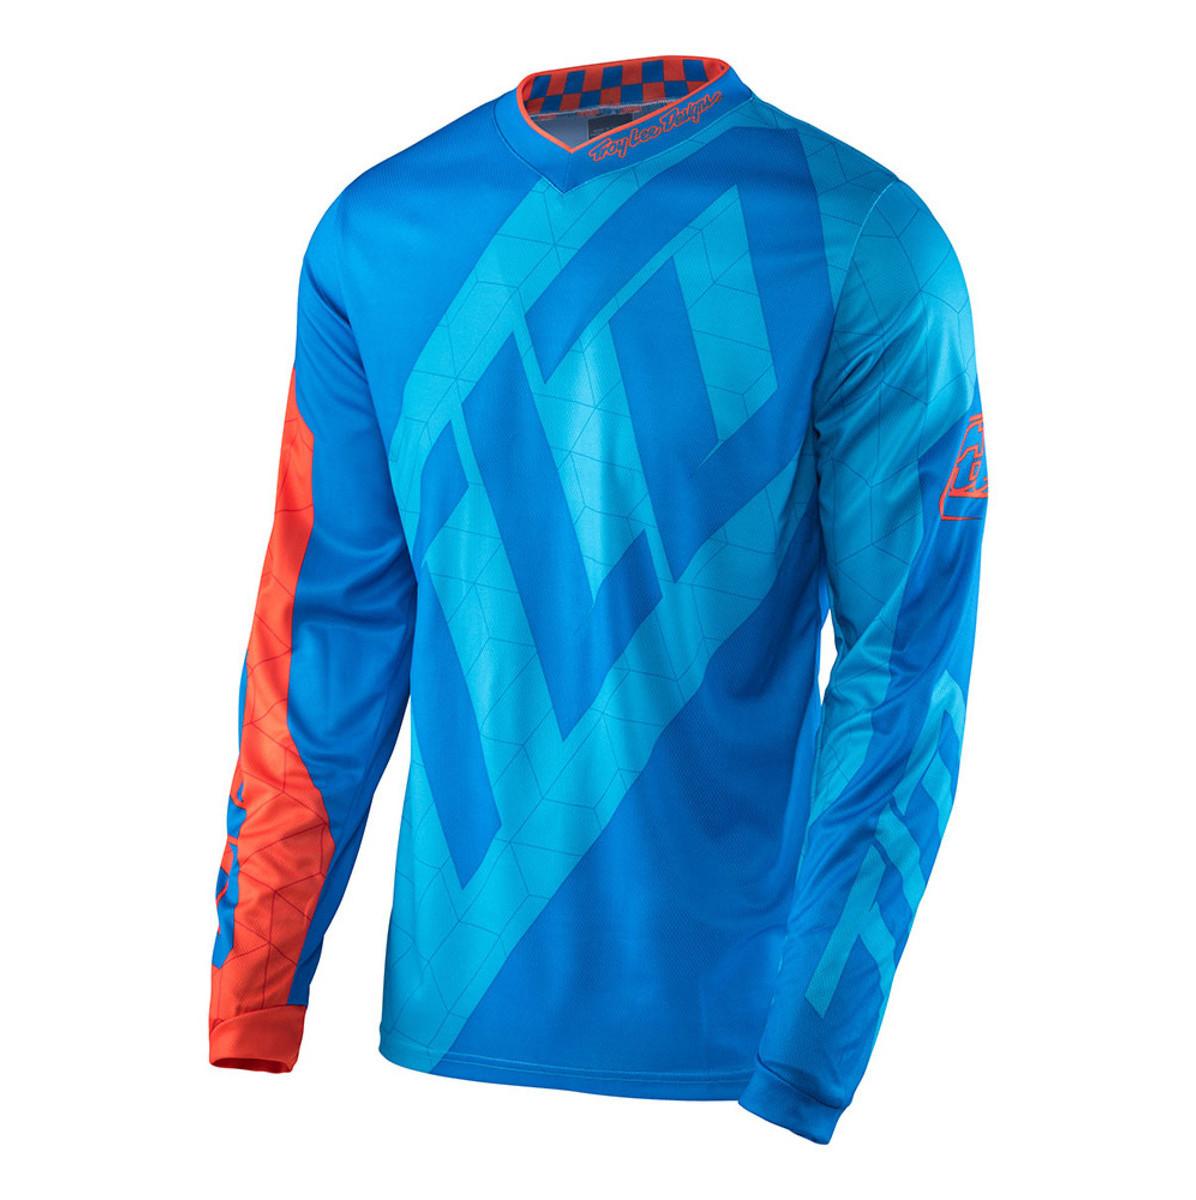 Troy Lee Designs GP Quest Jersey & Pant  Troy Lee Designs GP Quest Blue and Orange